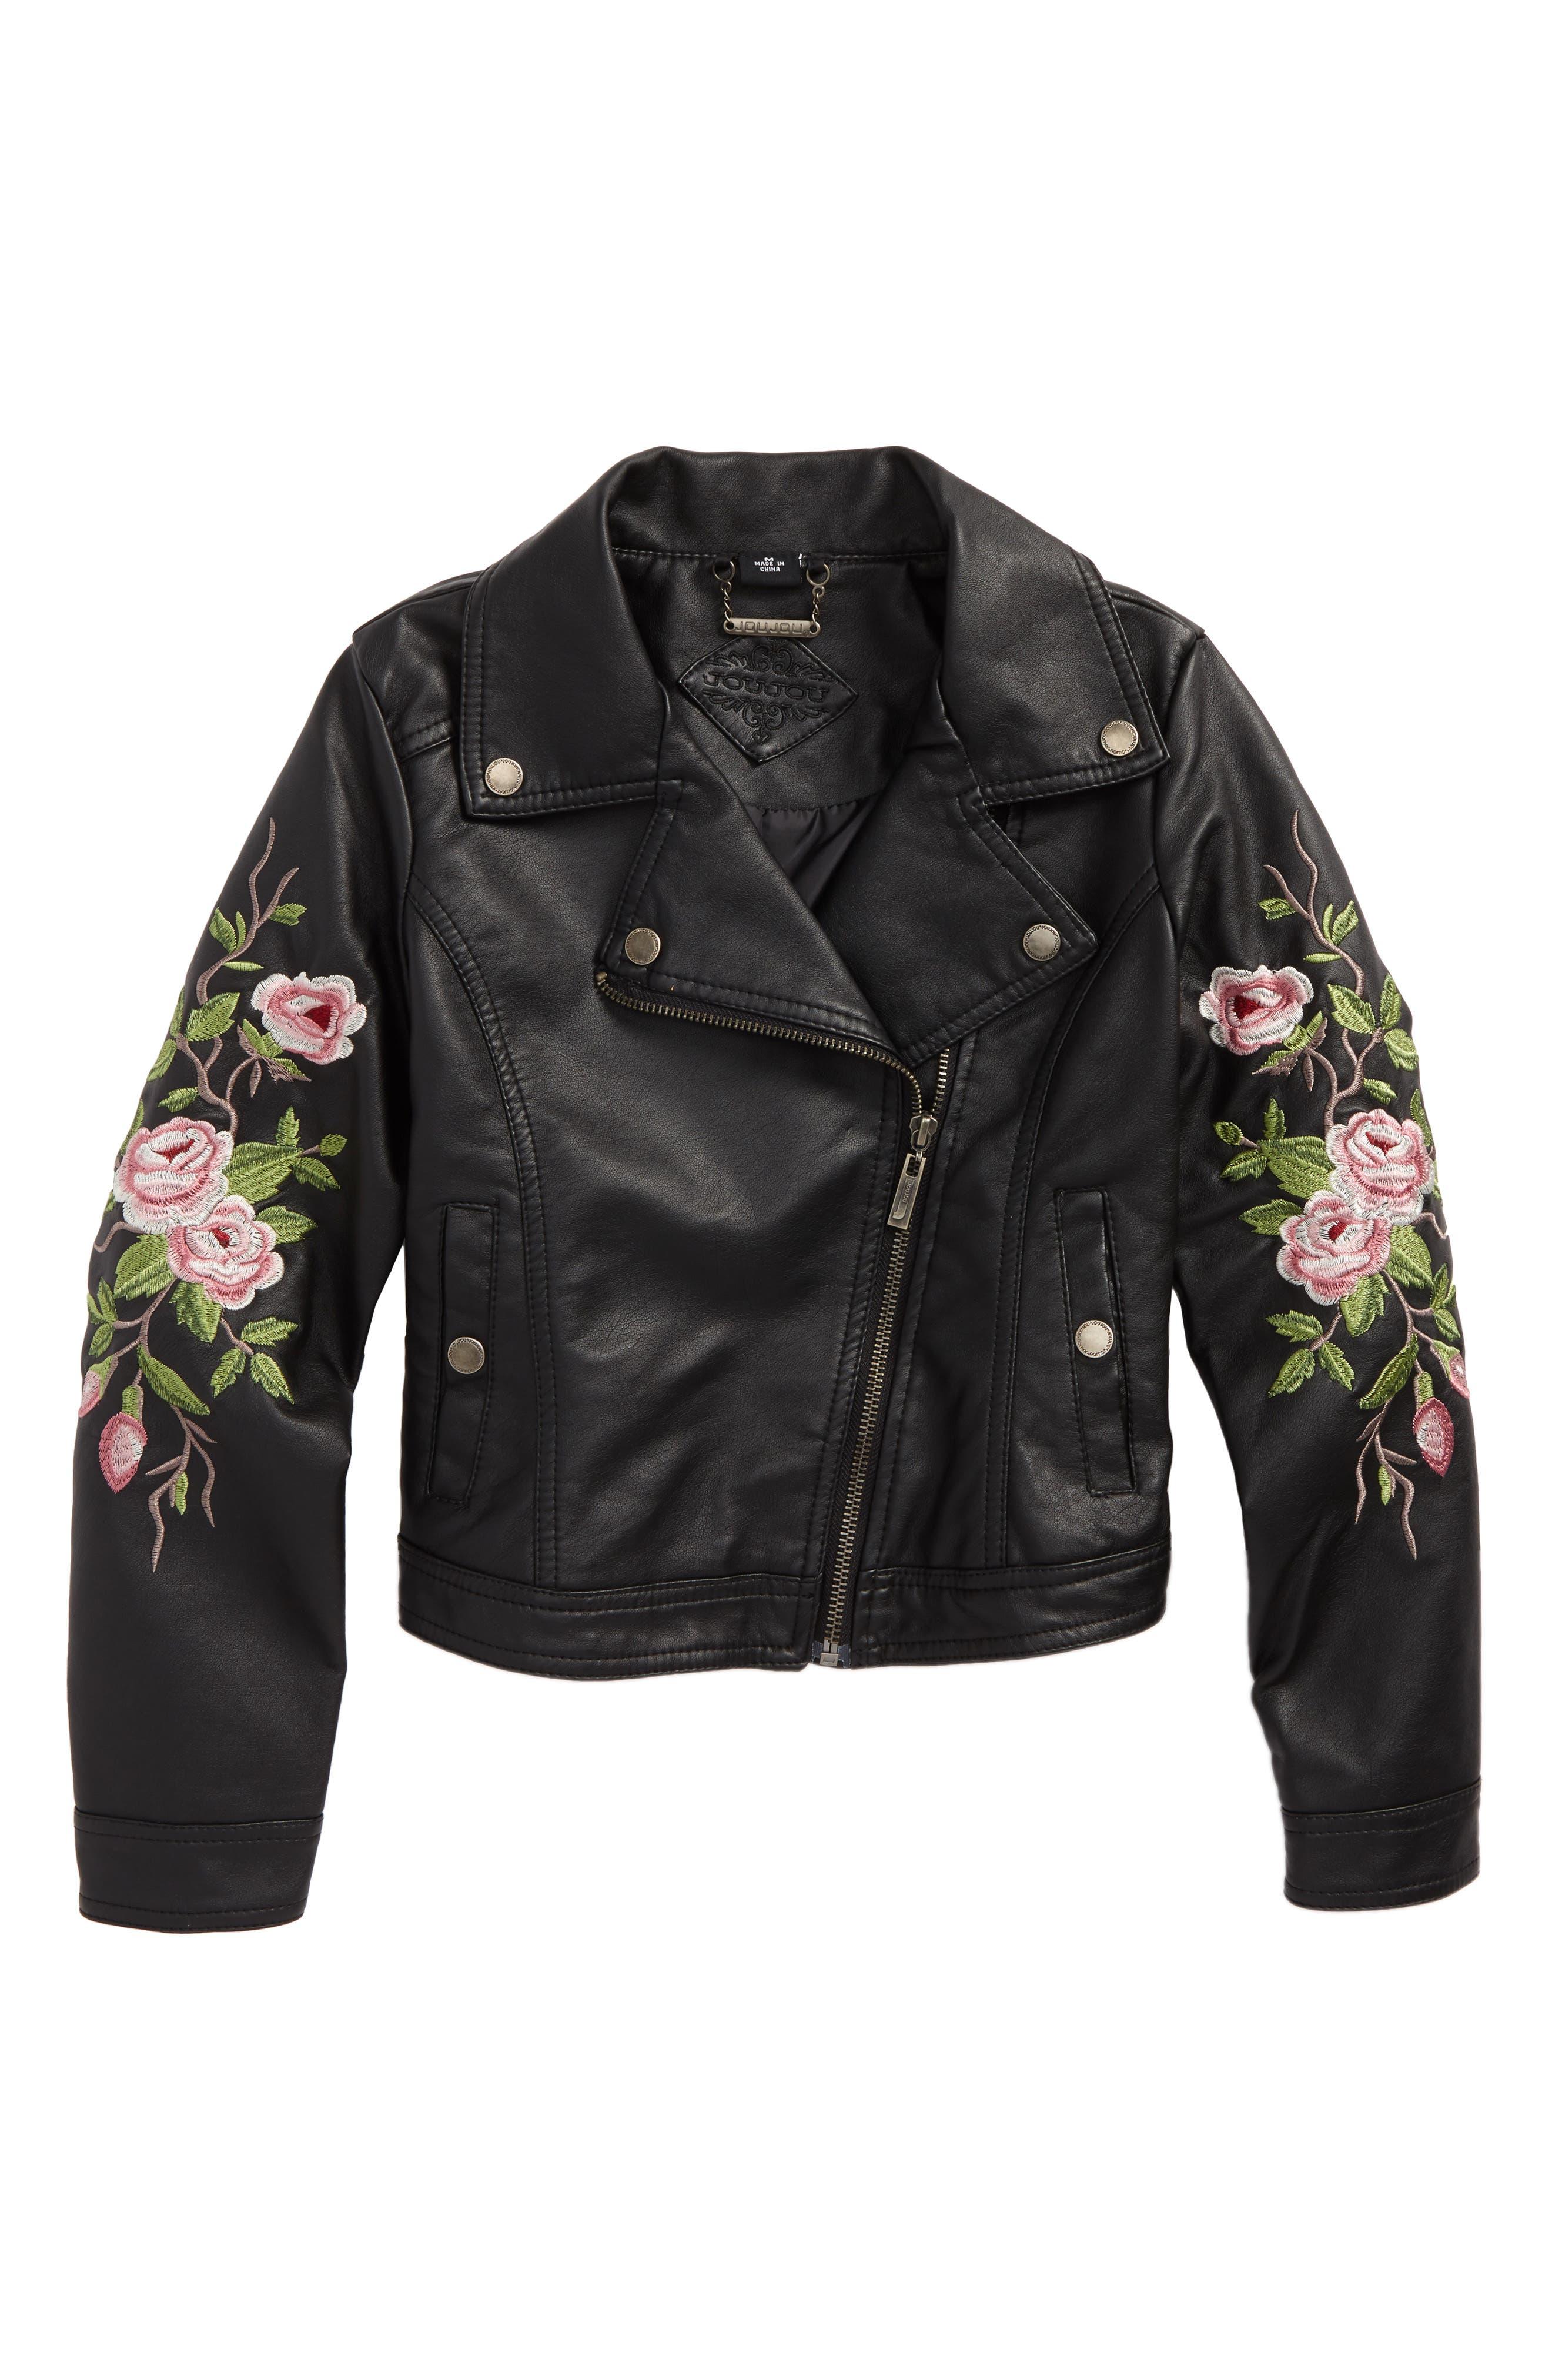 Main Image - Jou Jou Embroidered Faux Leather Moto Jacket (Big Girls)